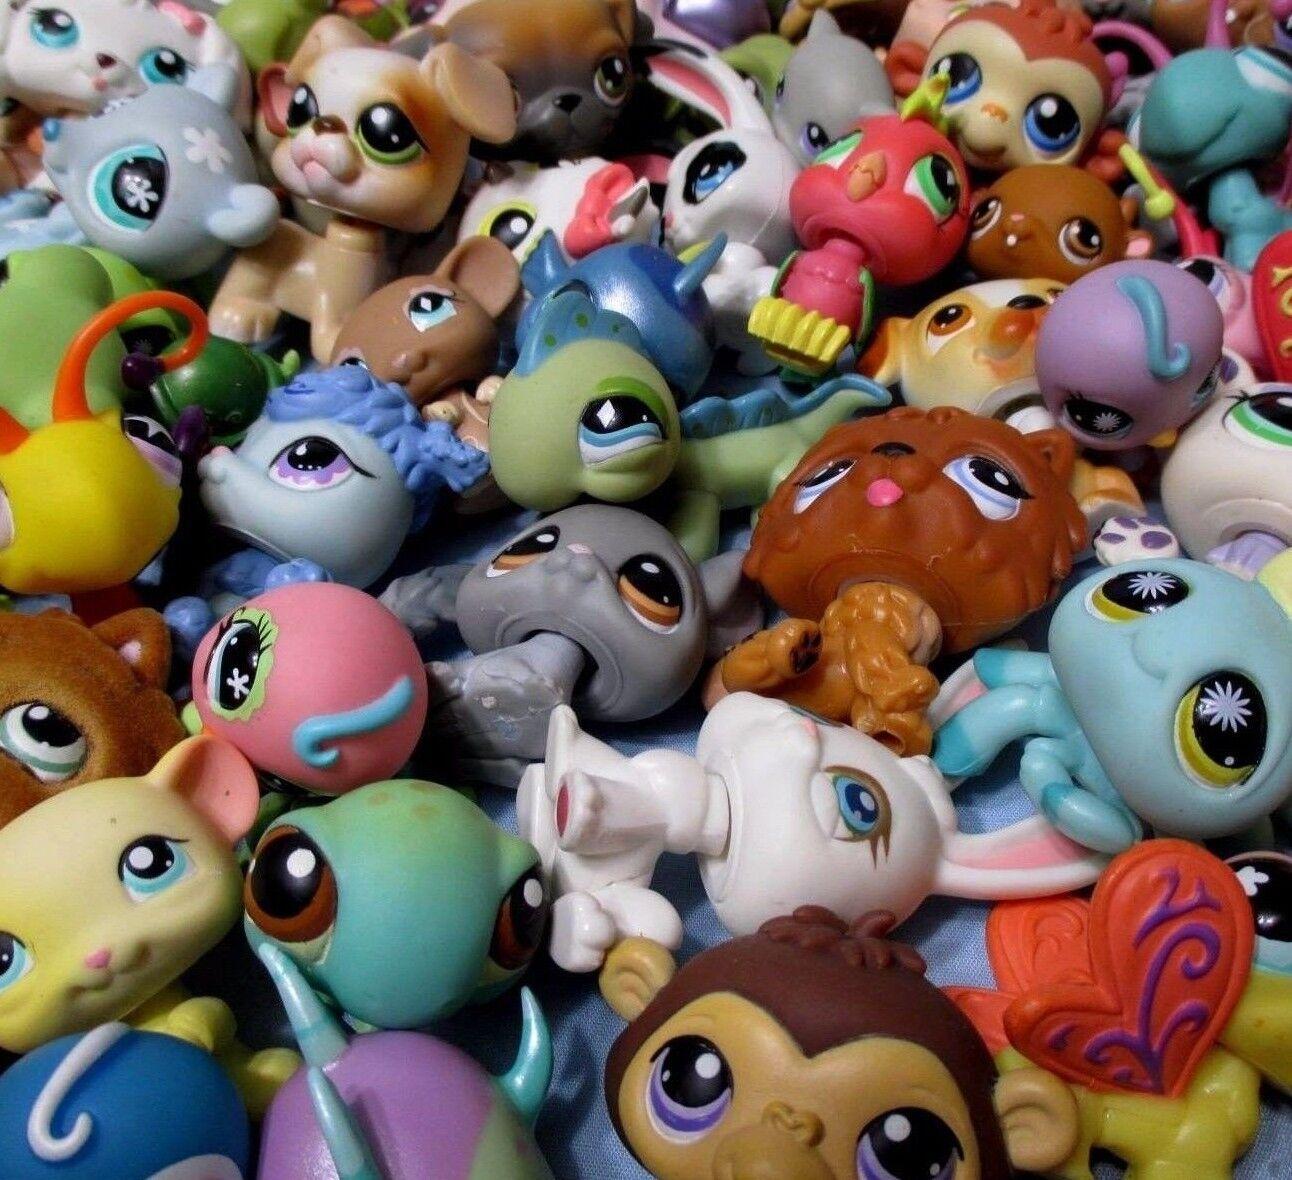 Littlest Pet Shop Mixed Lot 10 Pcs Surprise Random Pet Figures Authentic Lps